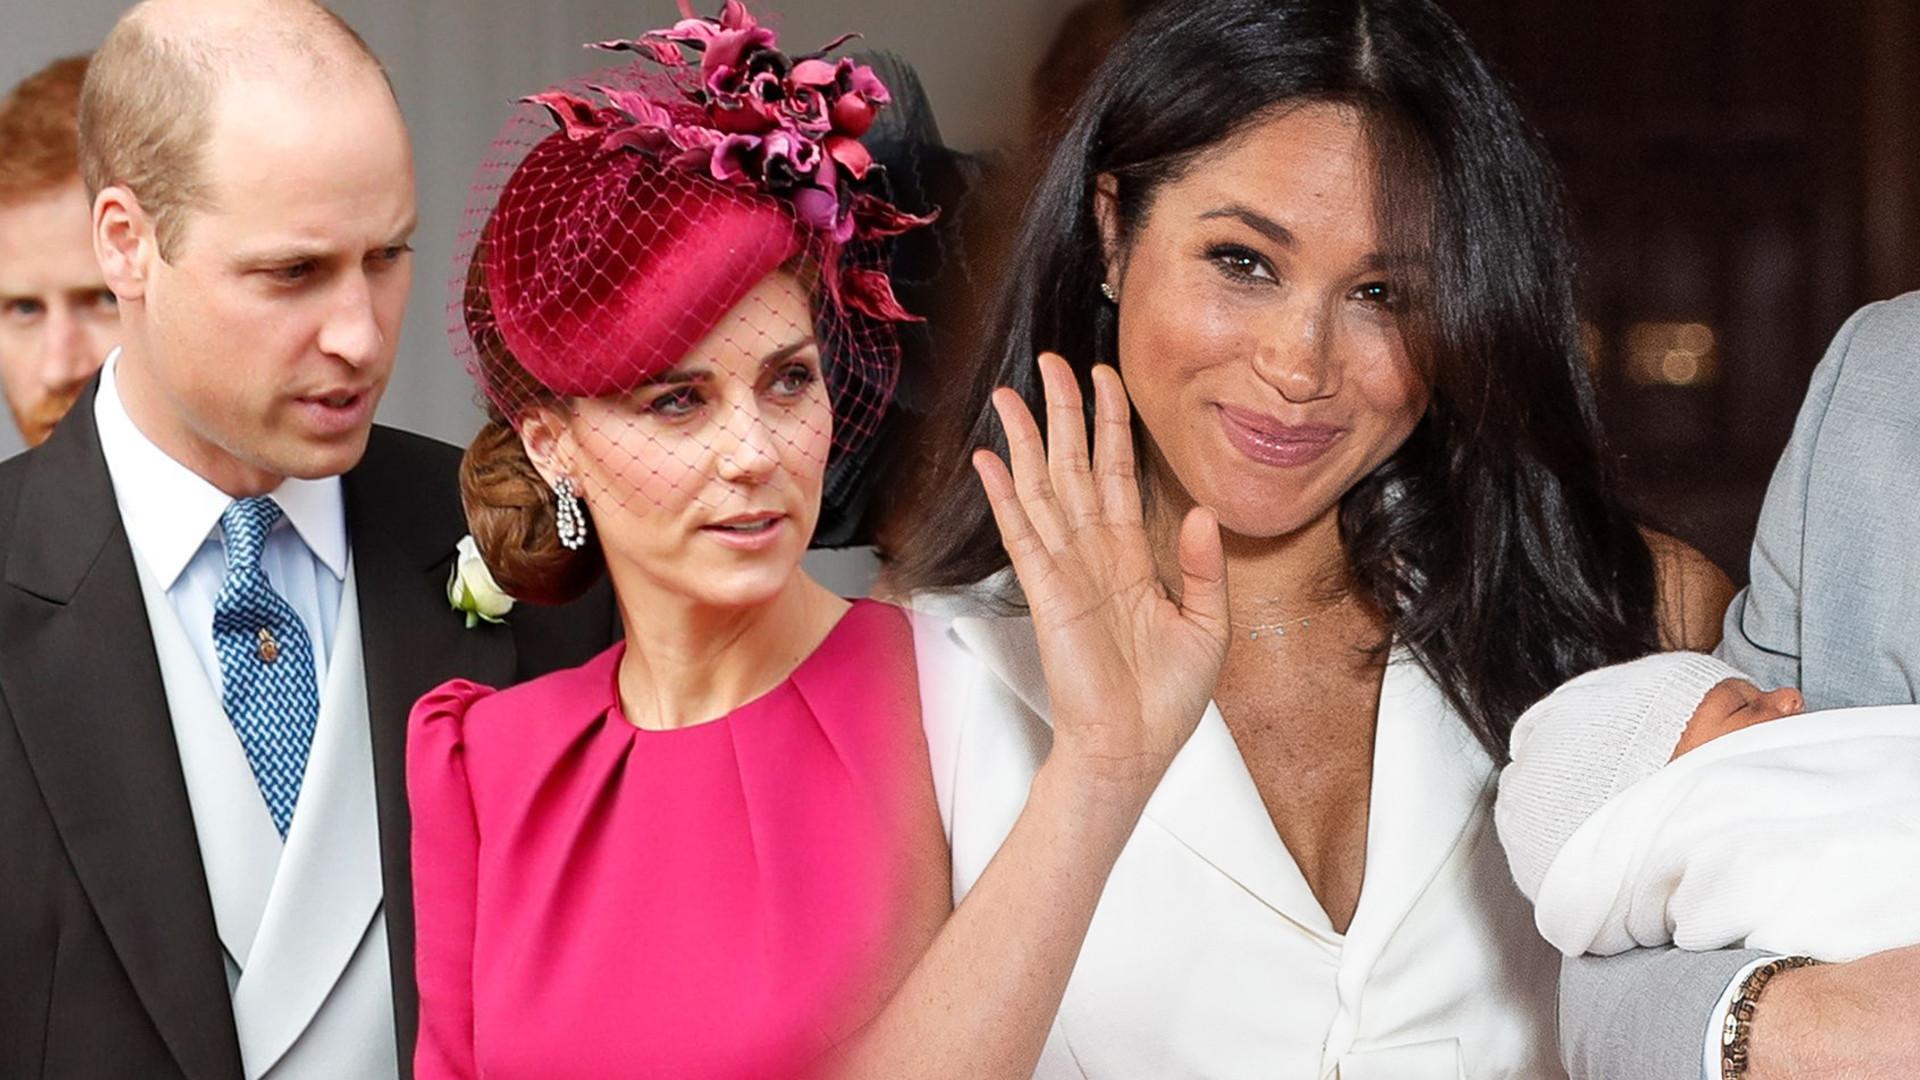 Kate Middleton i książę William w końcu poznali Archie'ego Harrisona! Jak wyglądało to spotkanie?